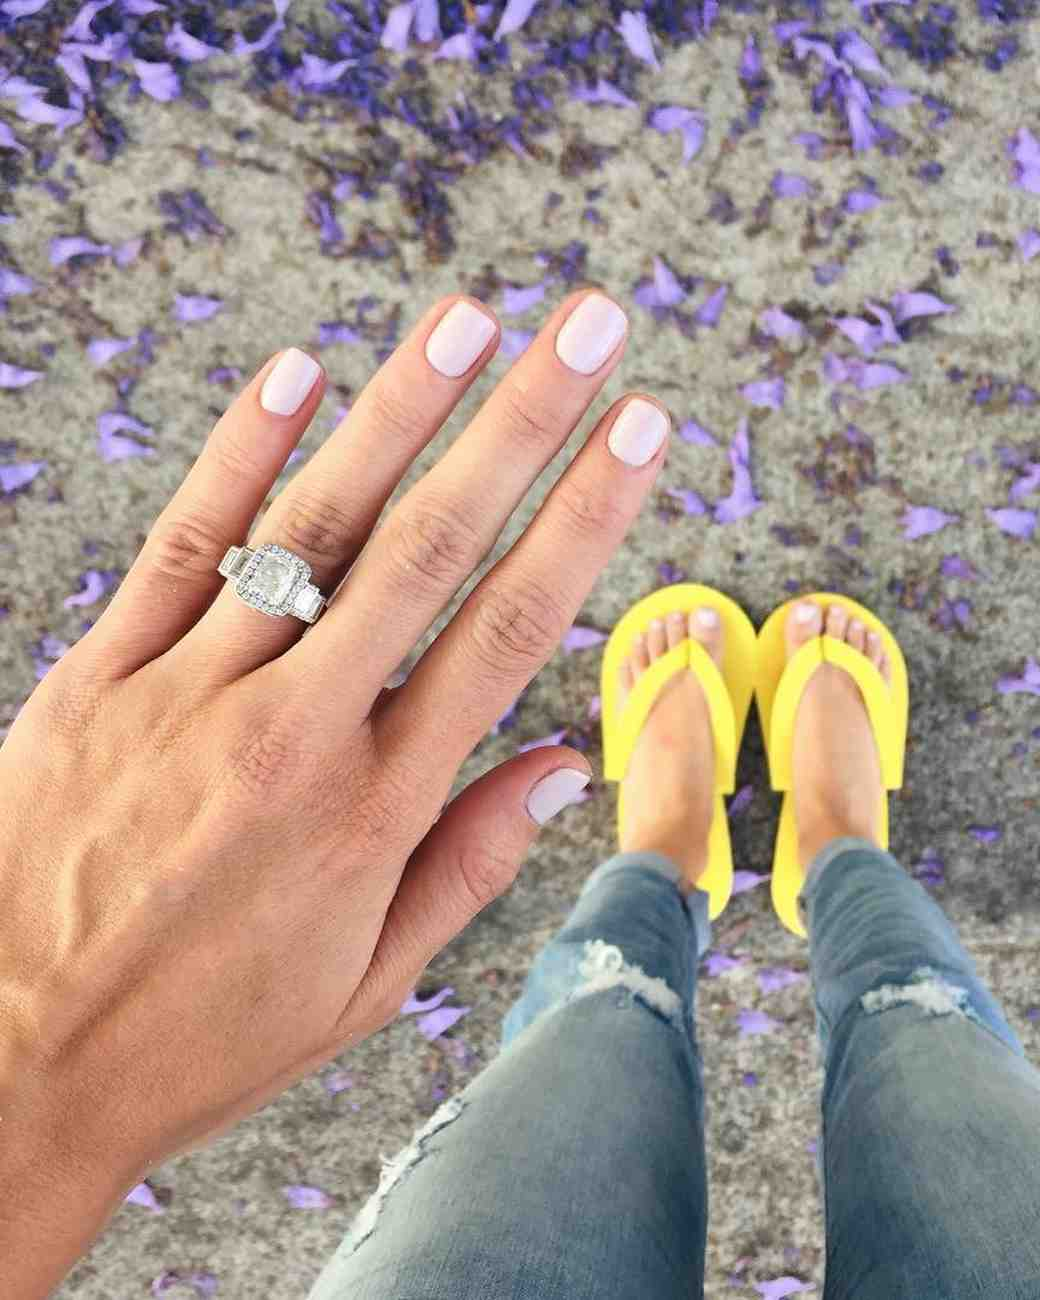 Lauren Bushnell's diamond engagement ring from the Bachelor